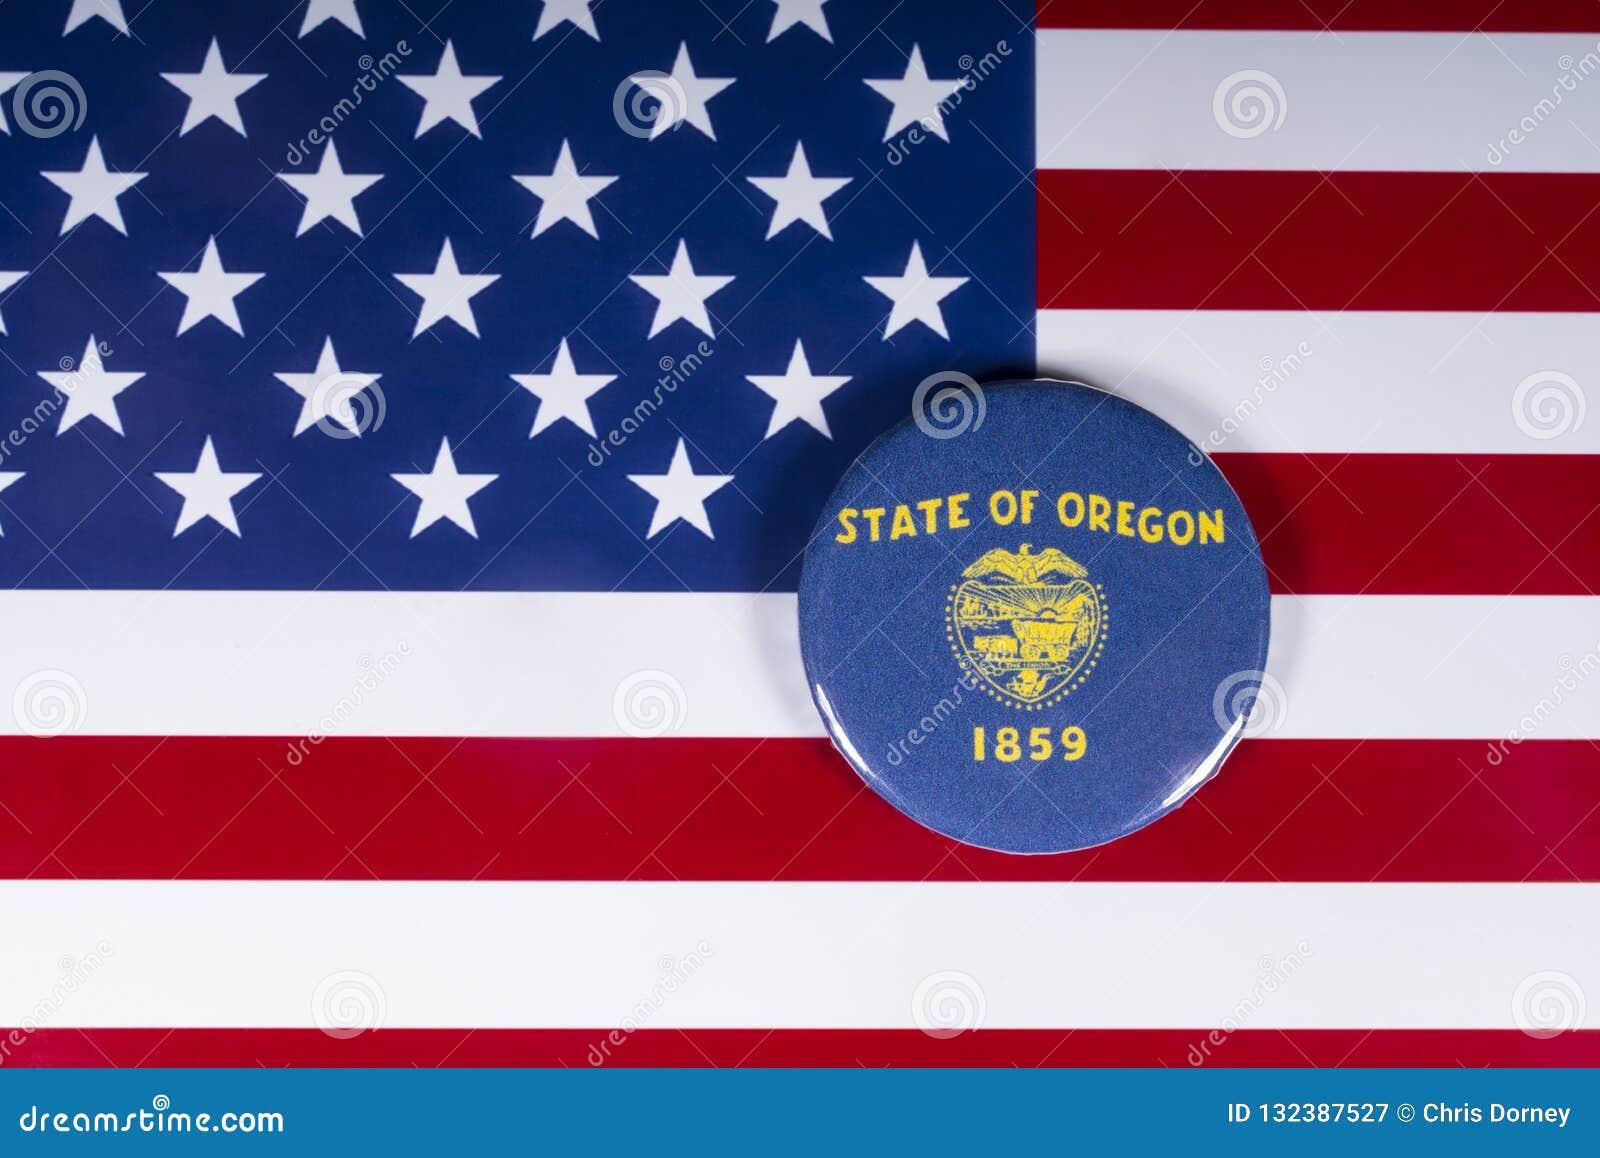 Der Staat Oregon in den USA